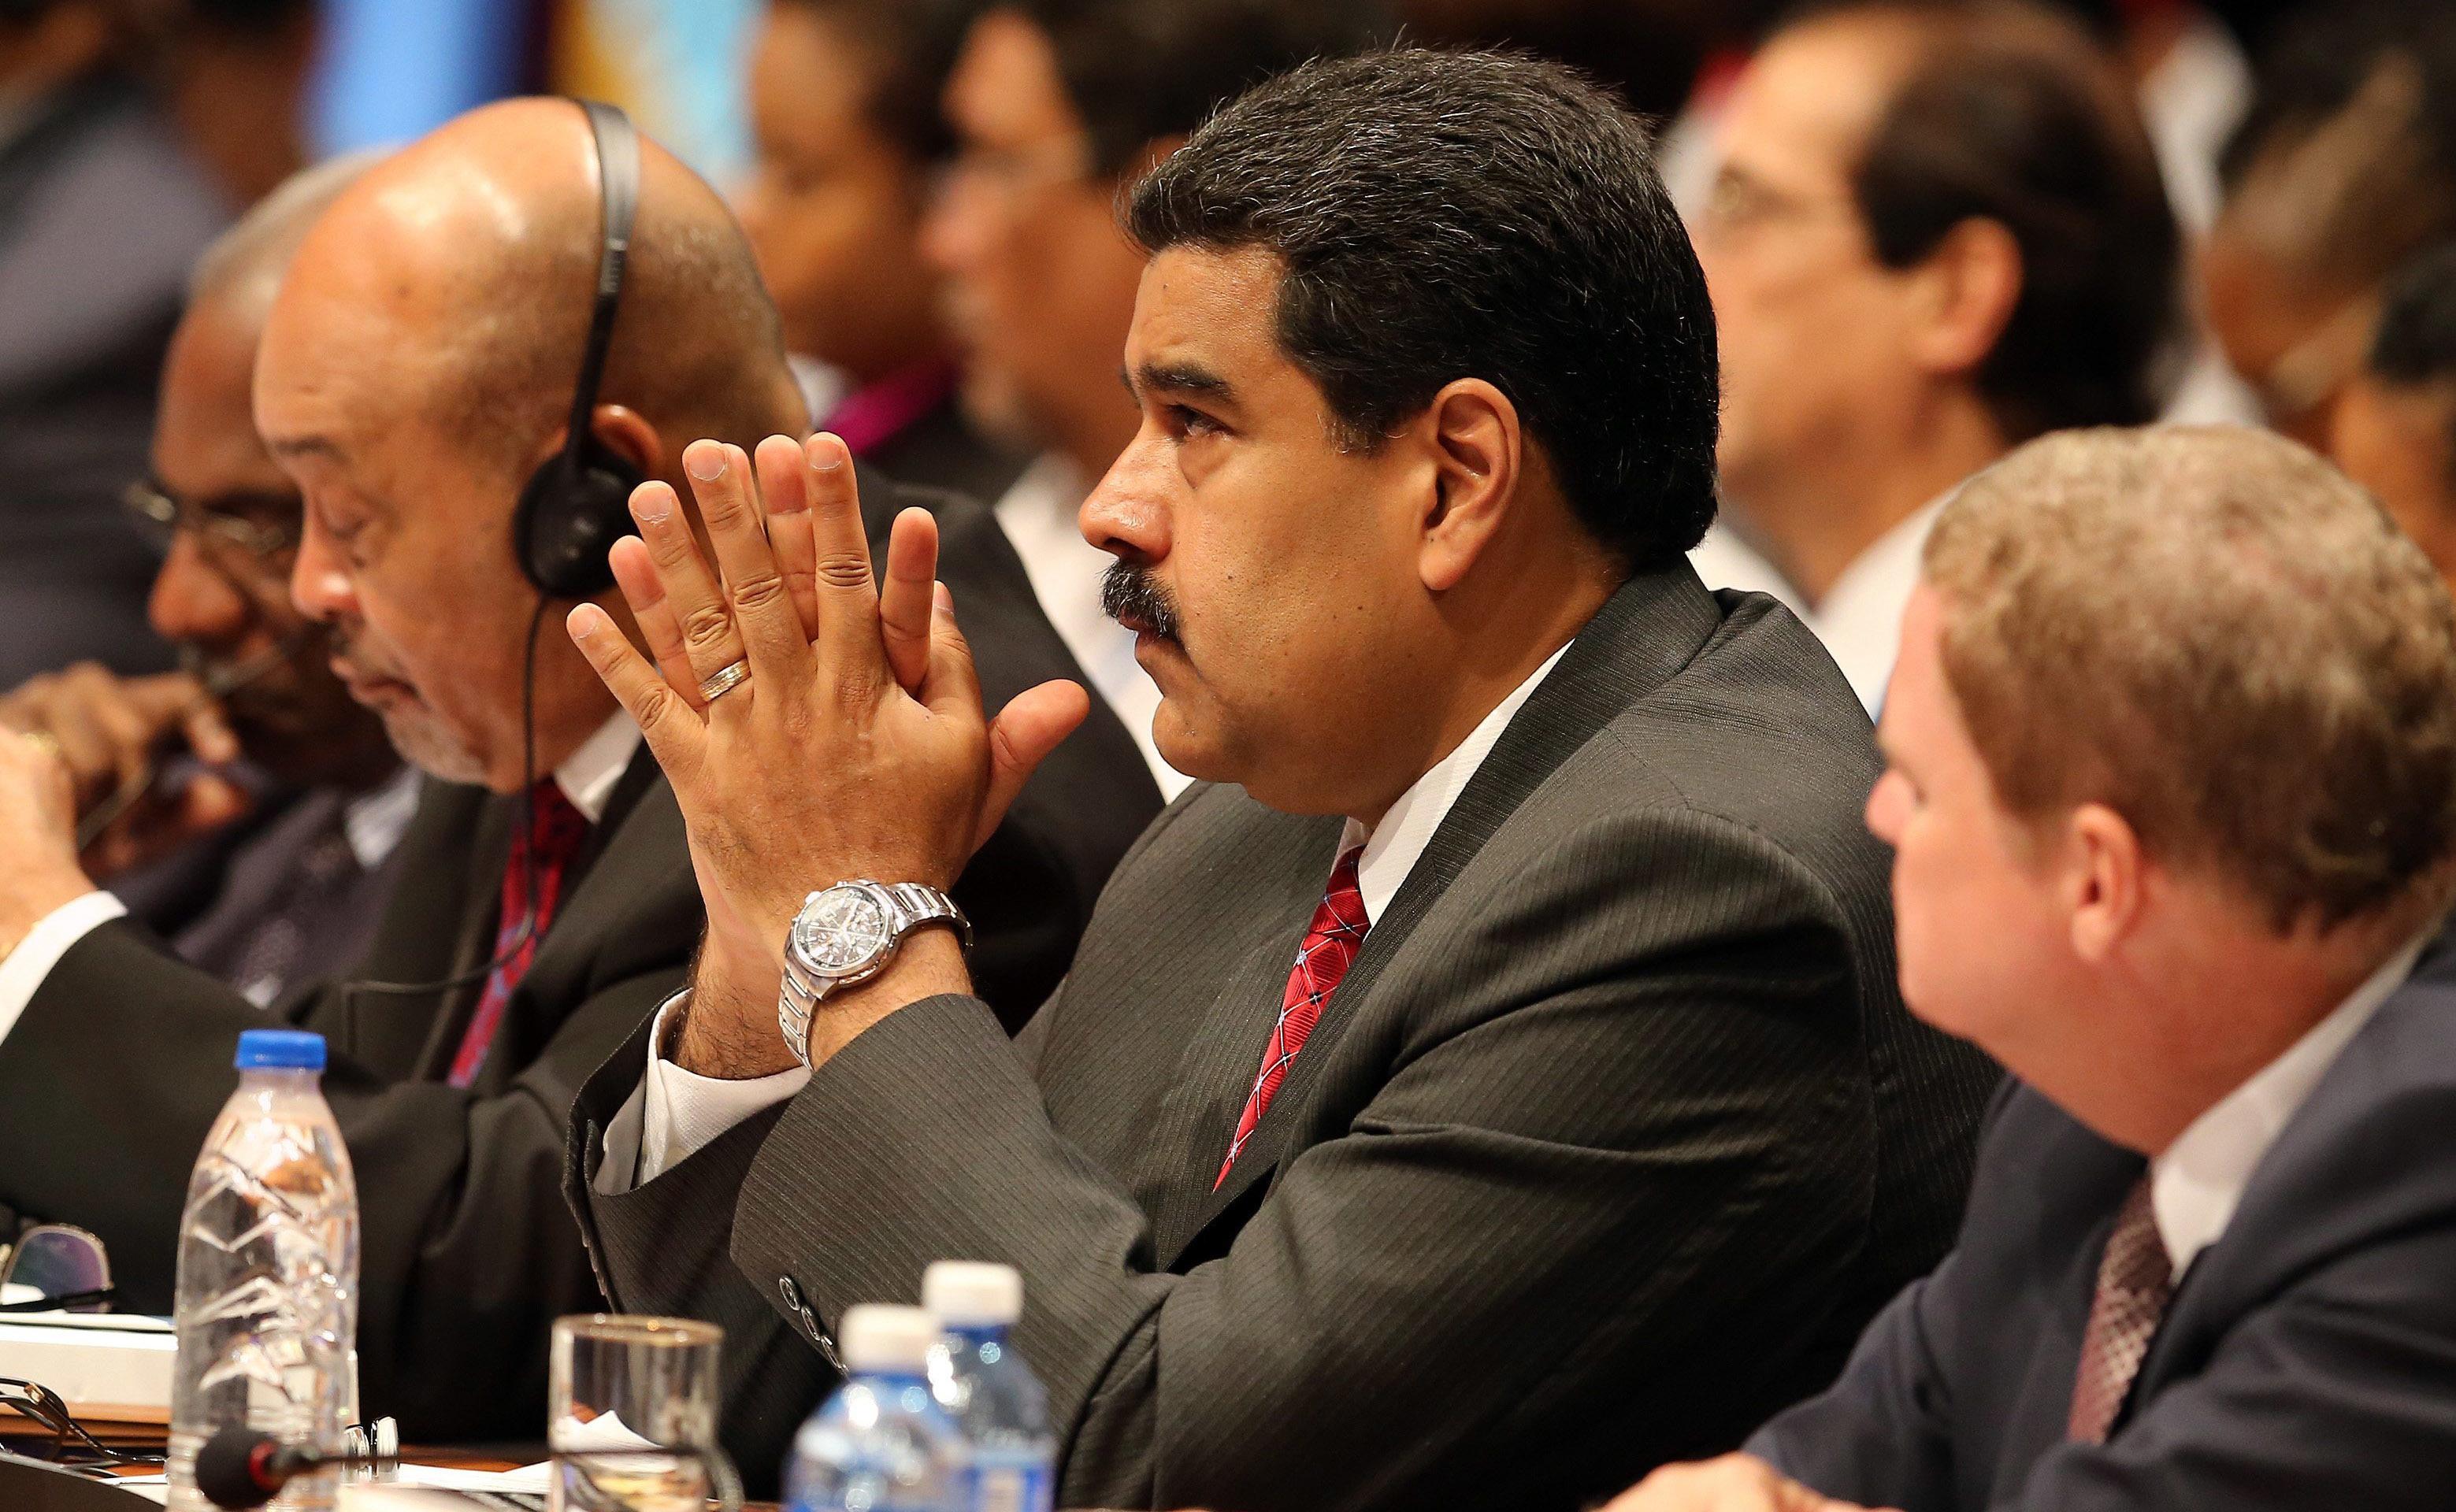 委內瑞拉總統馬杜洛4日到哈瓦那參加中美洲加勒比海峰會。(美聯社)